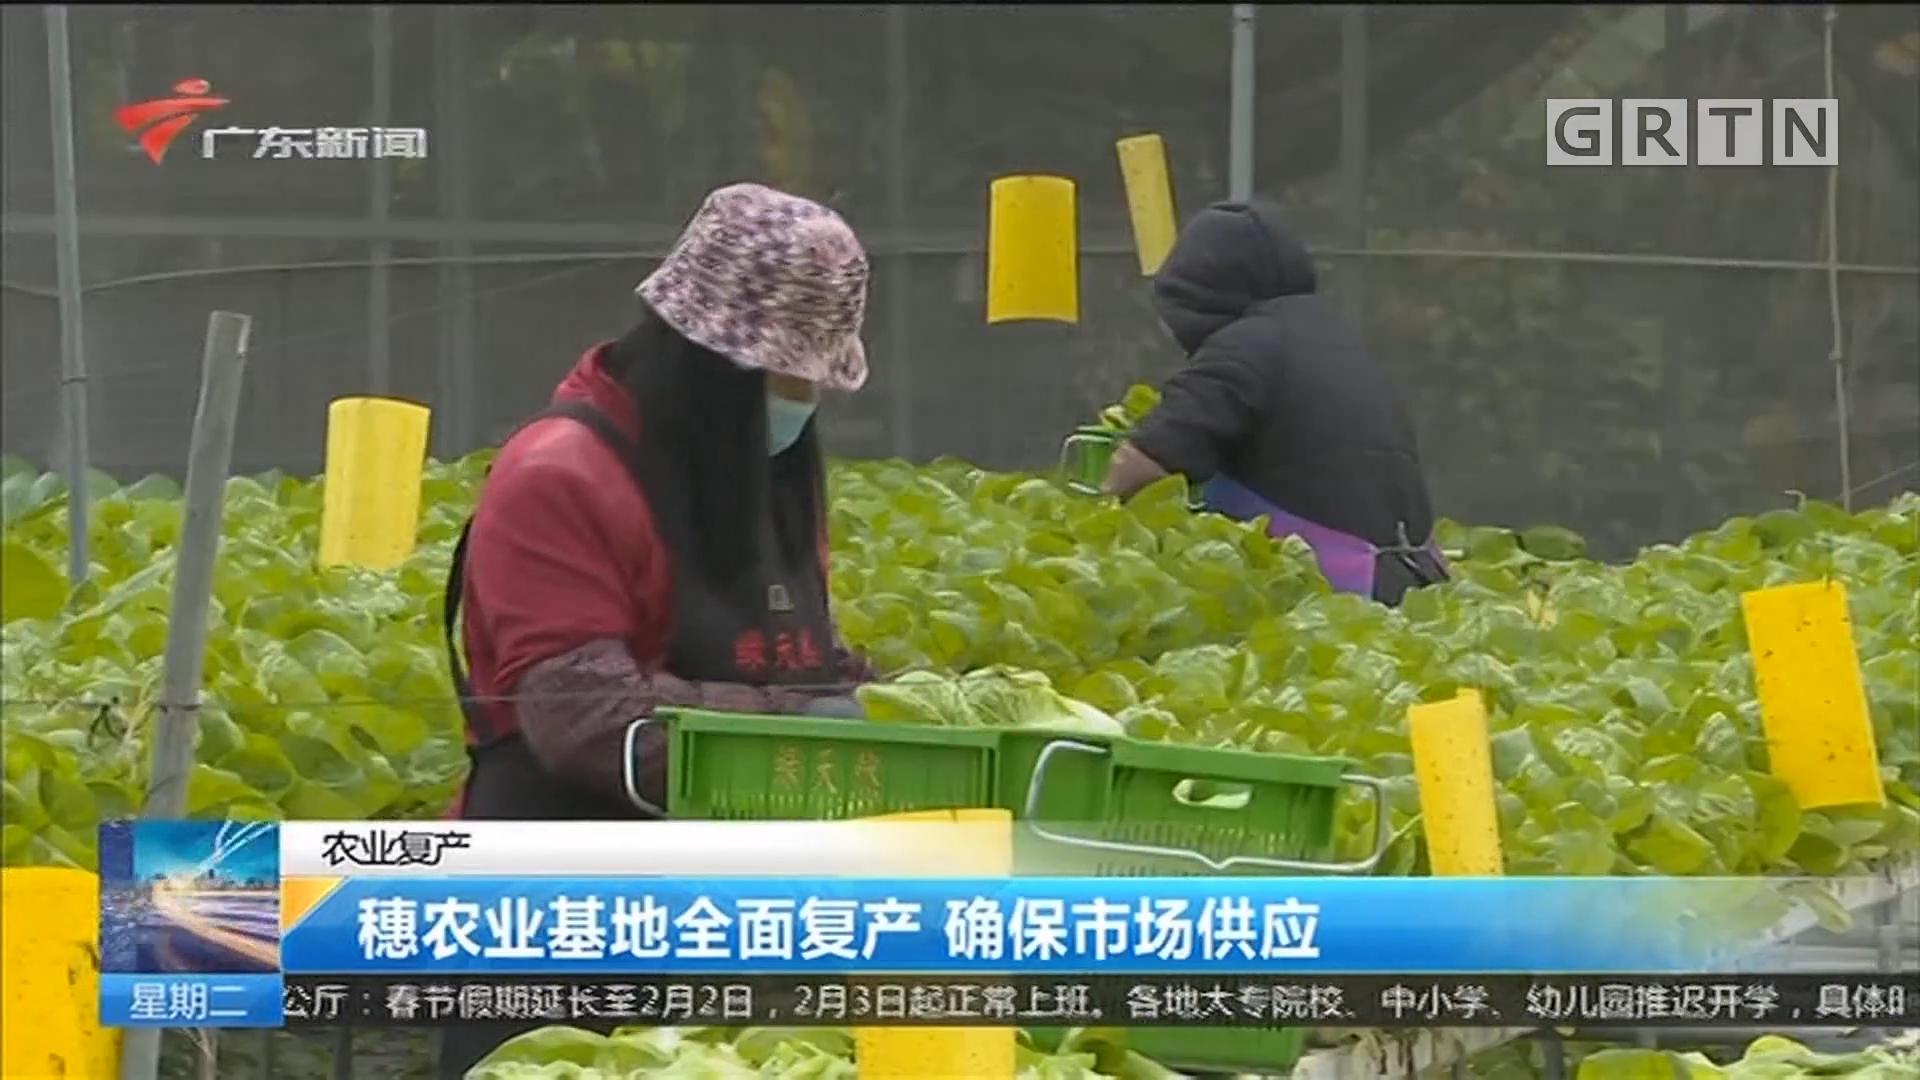 农业复产:穗农业基地全面复产 确保市场供应